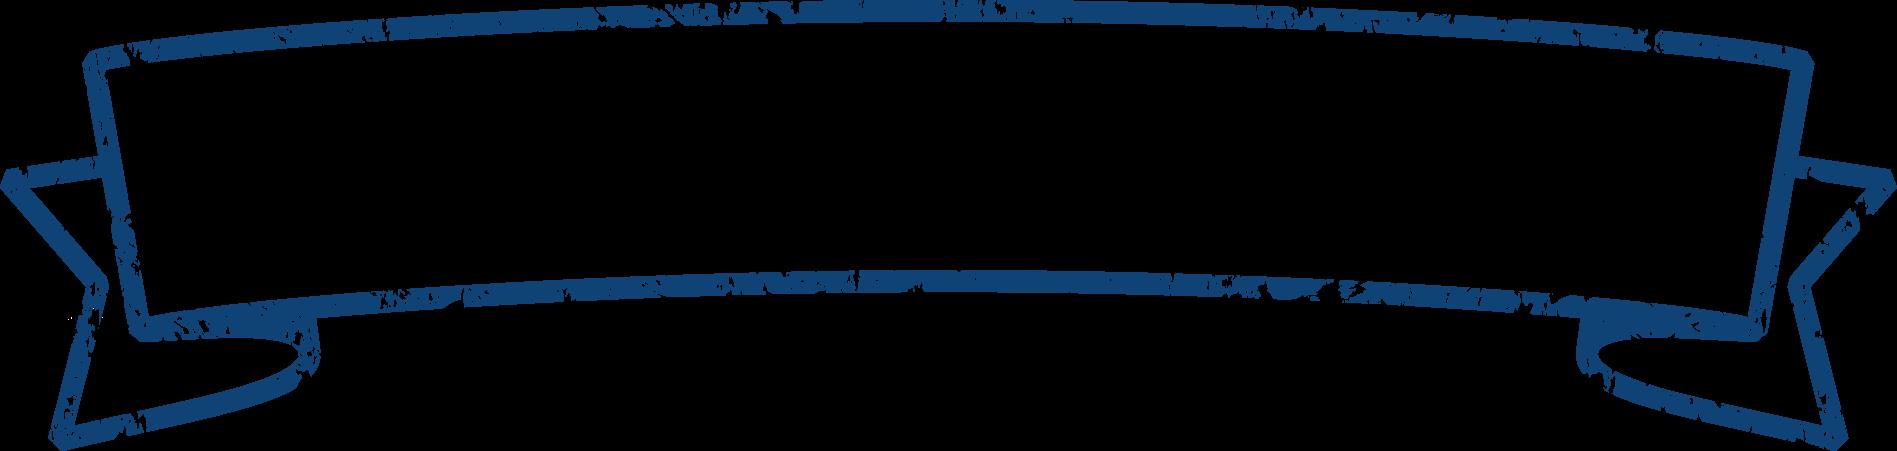 見出しタイトルリボン素材1 / 青色系テープ枠 | 可愛い無料イラスト素材集